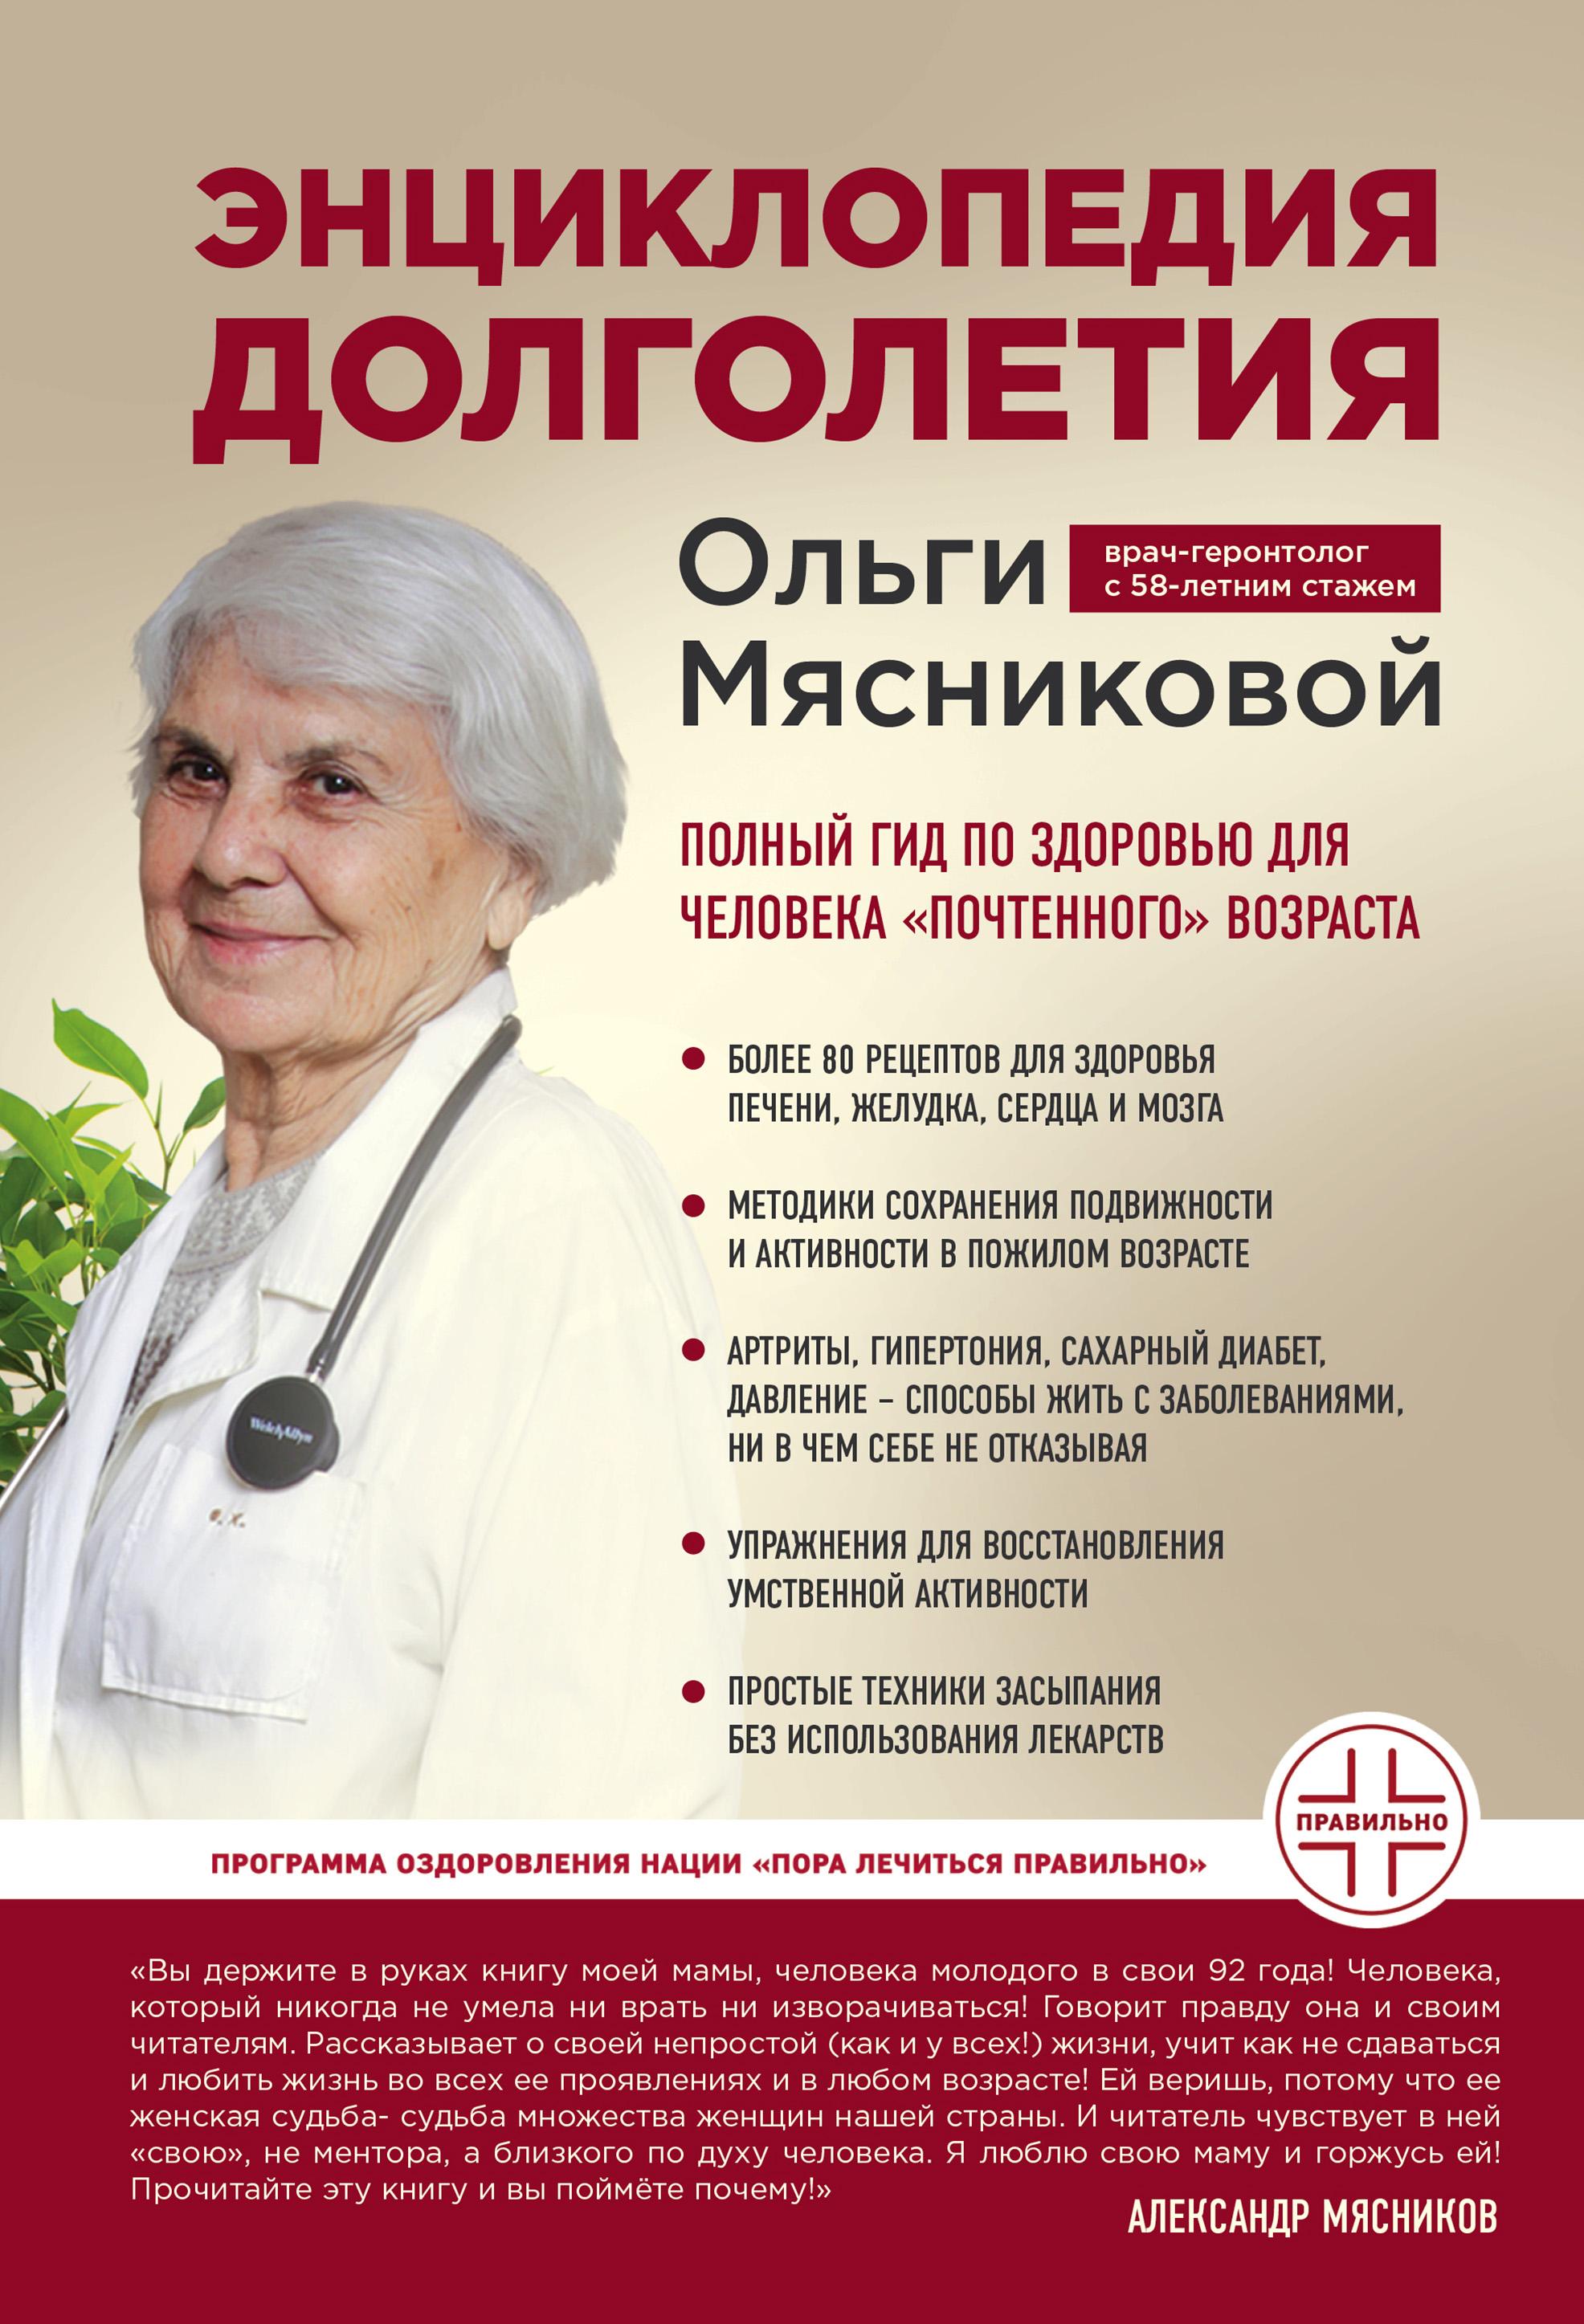 Ольга Мясникова. Энциклопедия долголетия Ольги Мясниковой